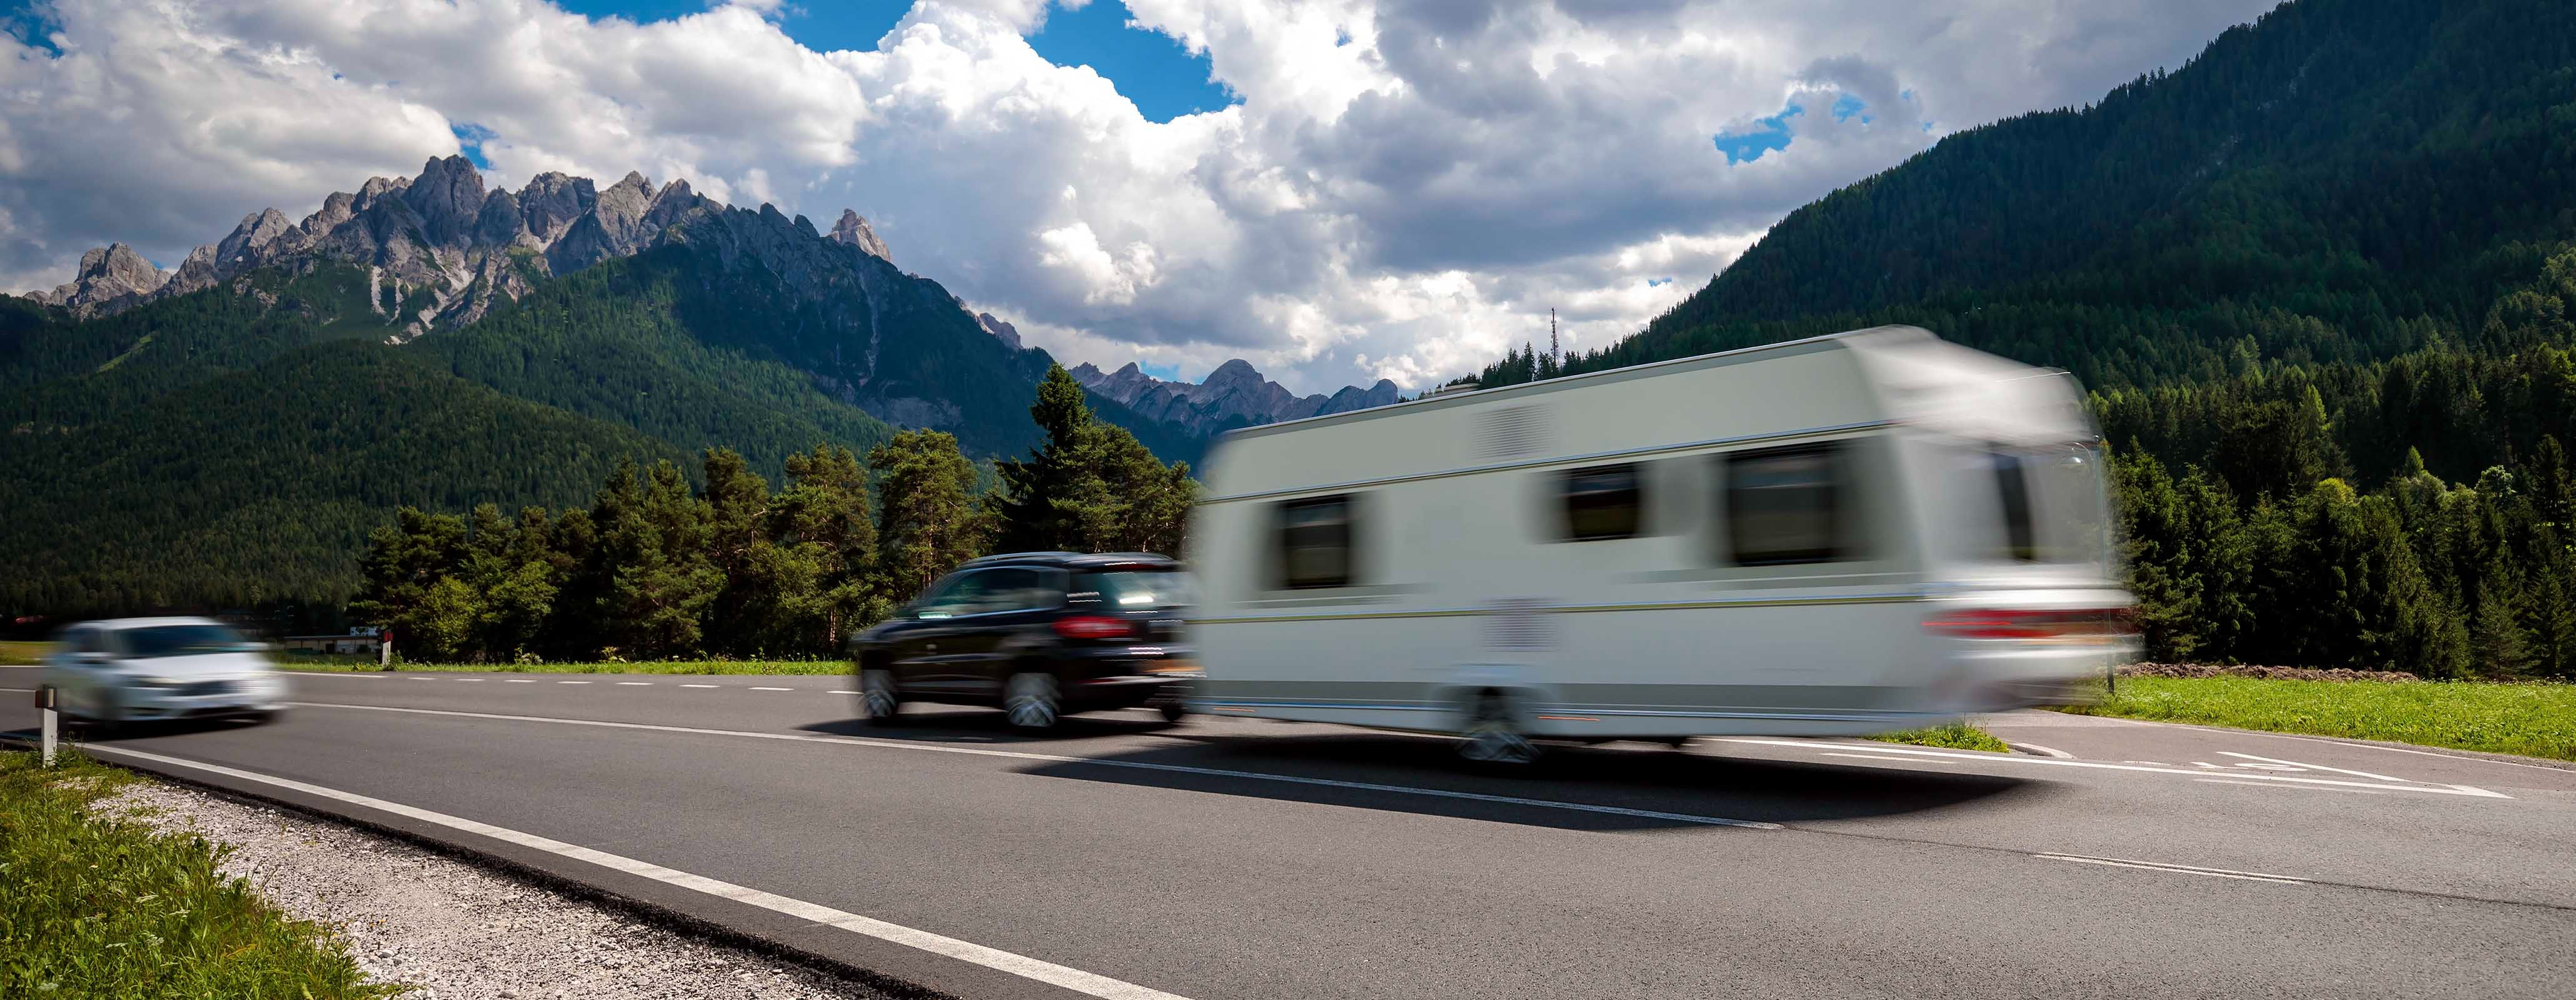 Met de caravan in de bergen